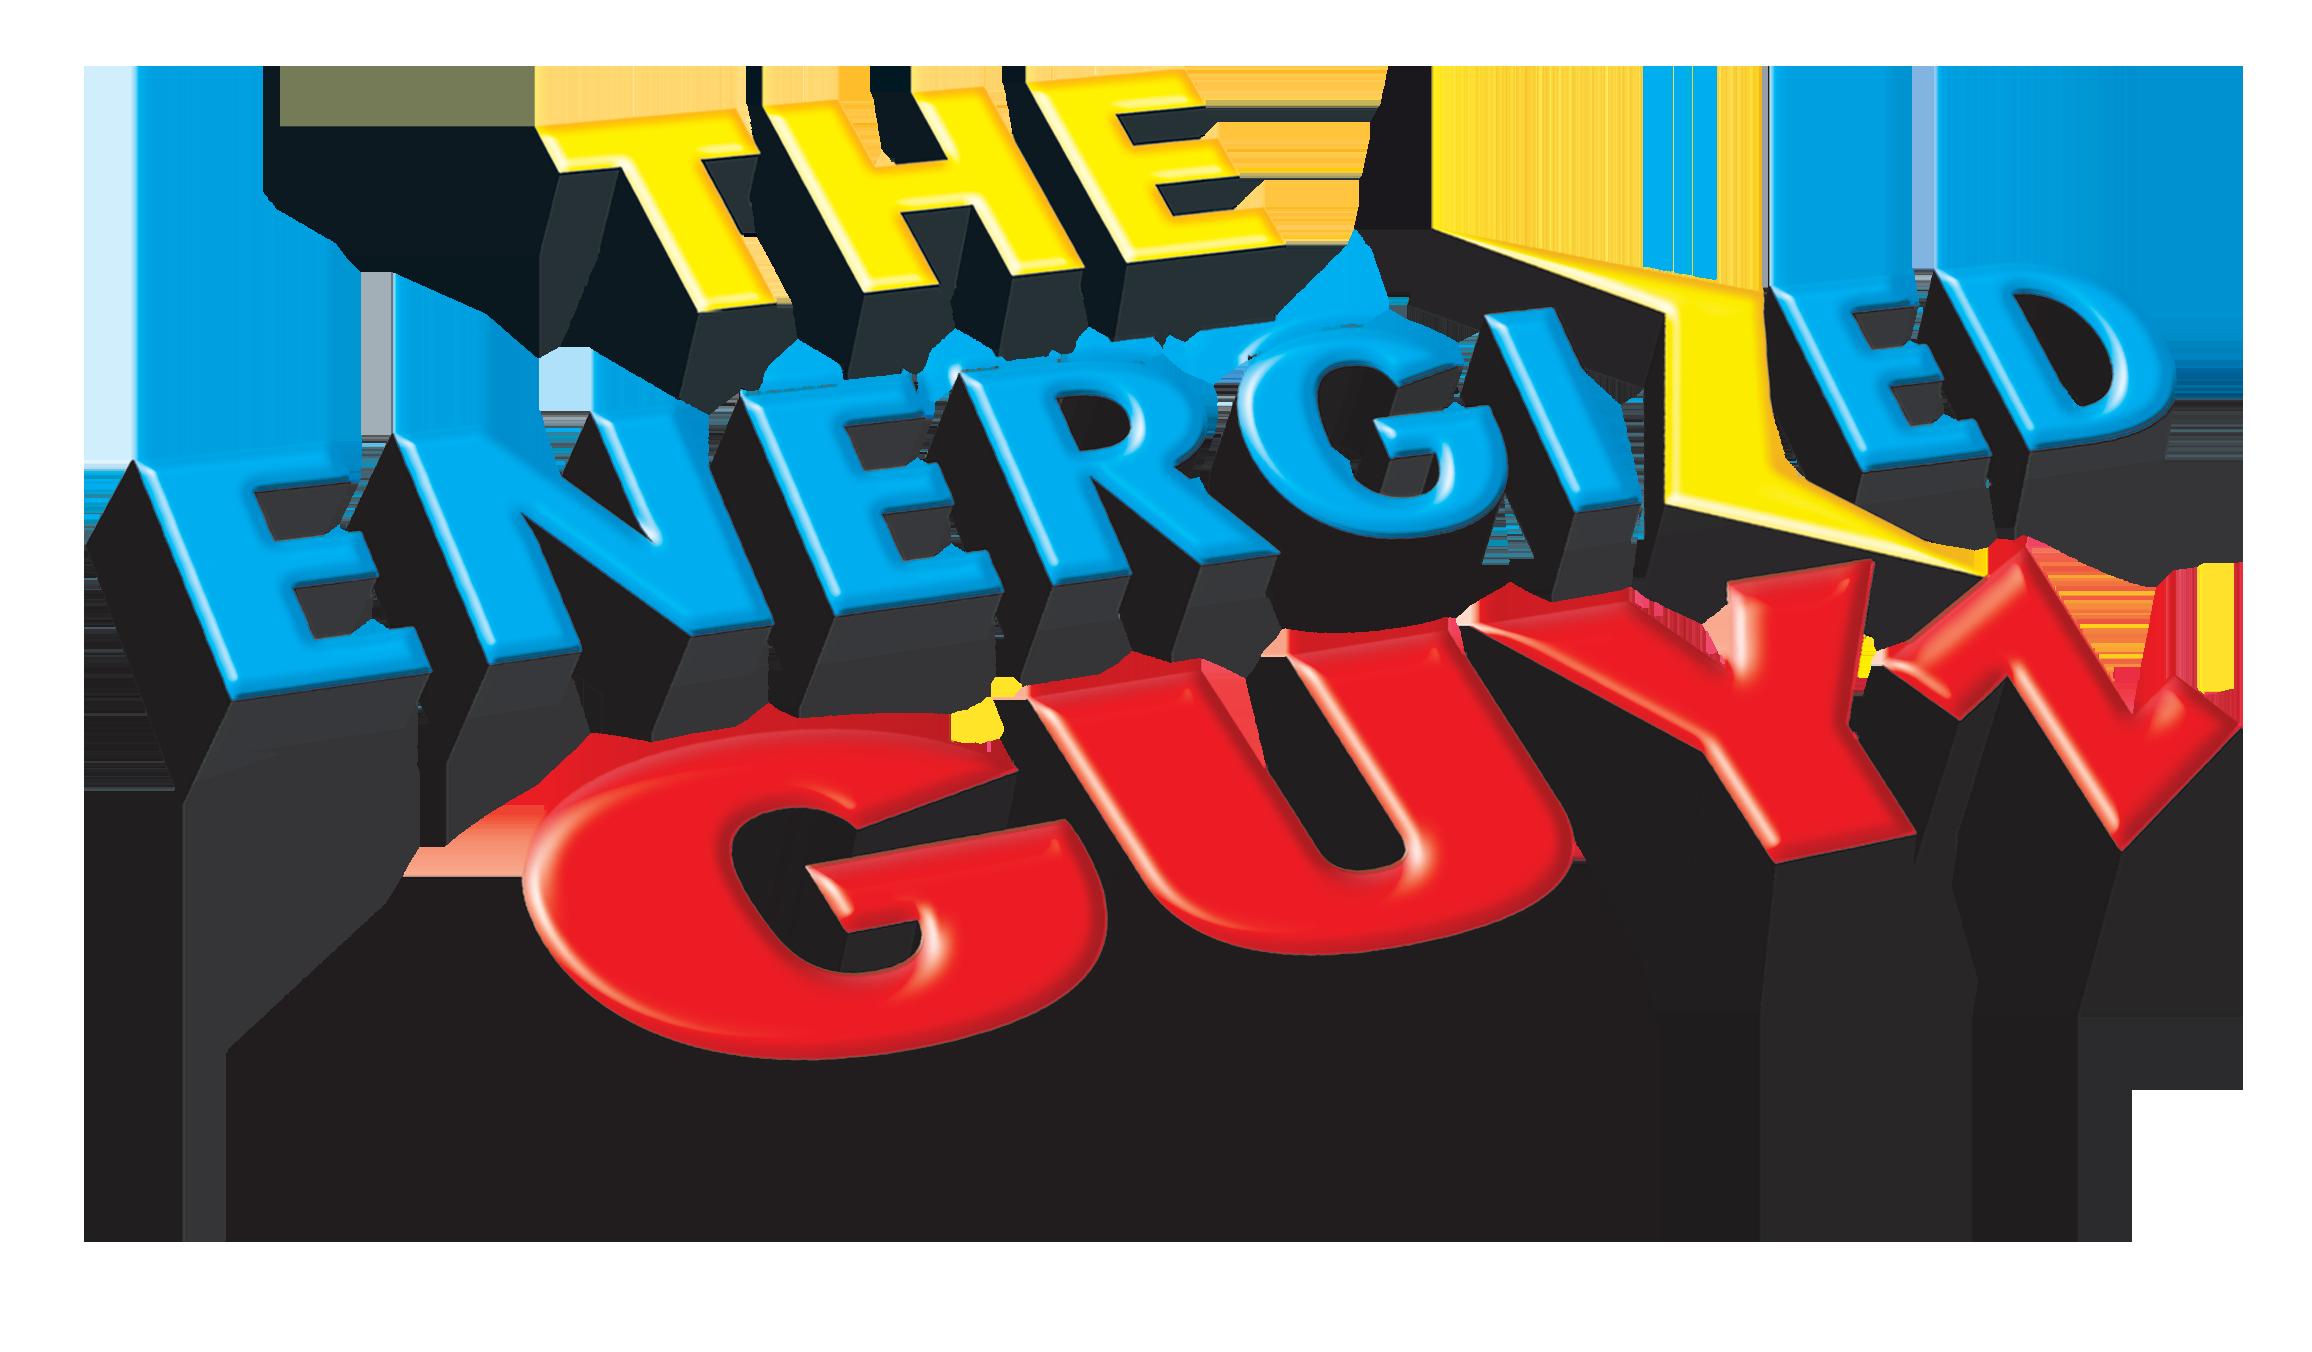 Energized Guyz